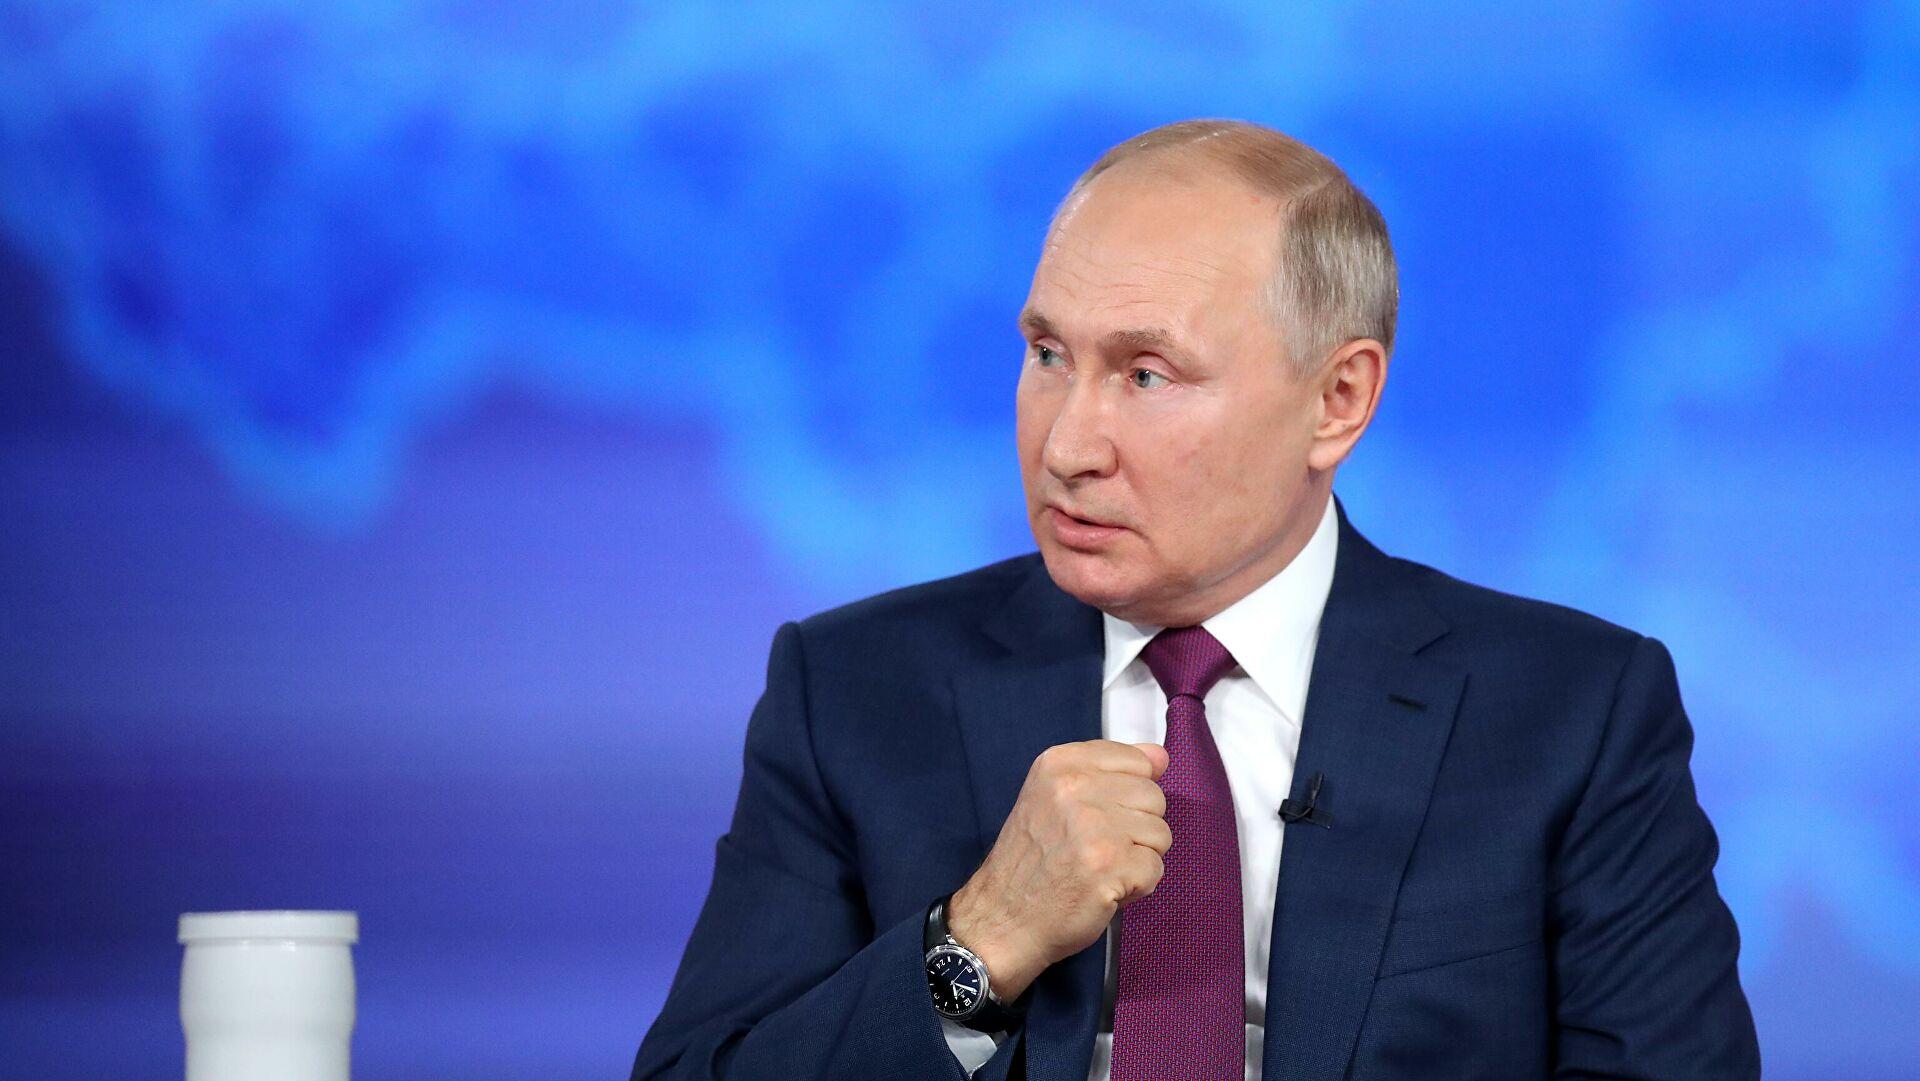 Путин: Чак и да смо потопили британски разарач свет не би био на ивици трећег светског рата